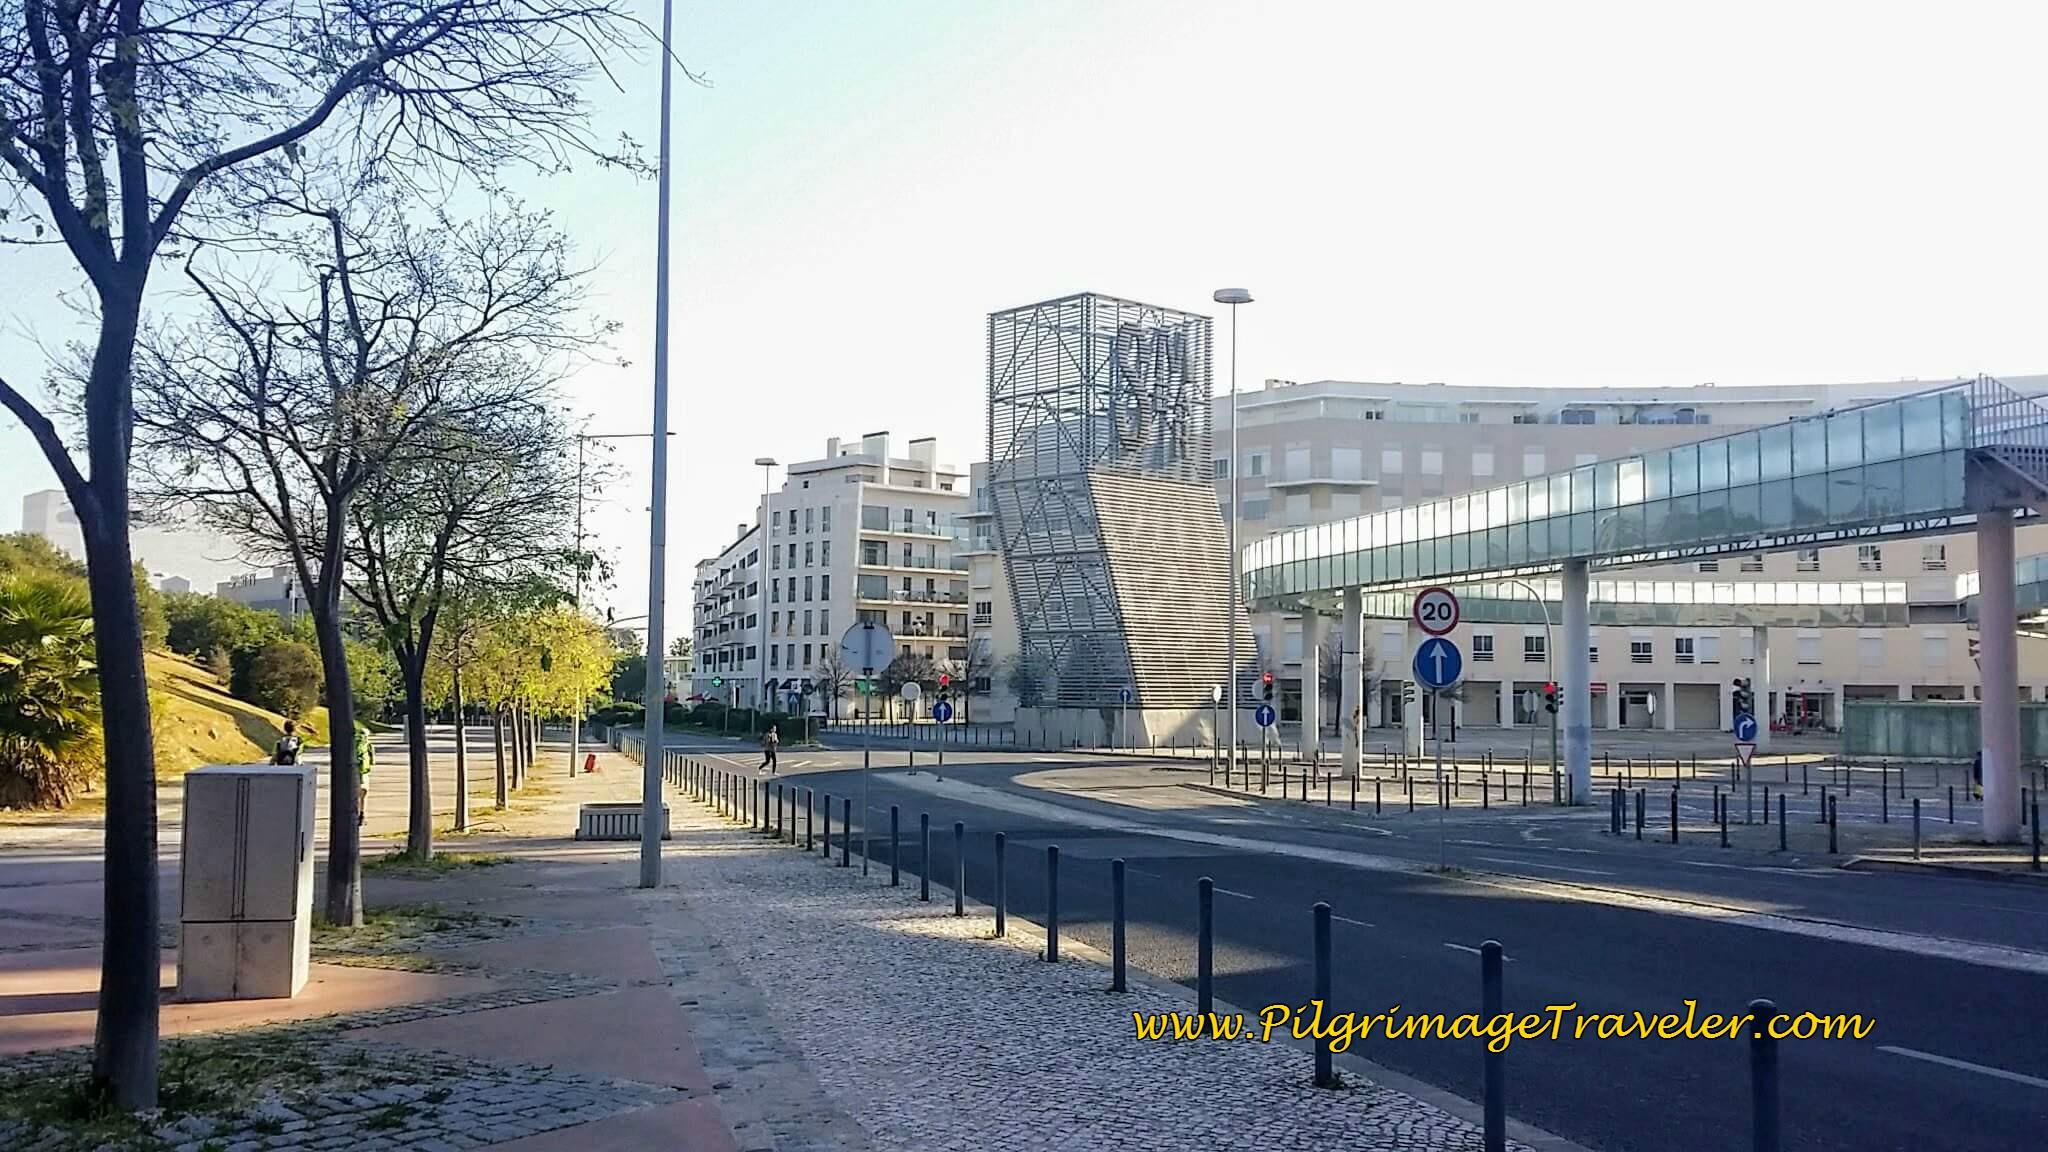 Avenida Fernando Pessoa